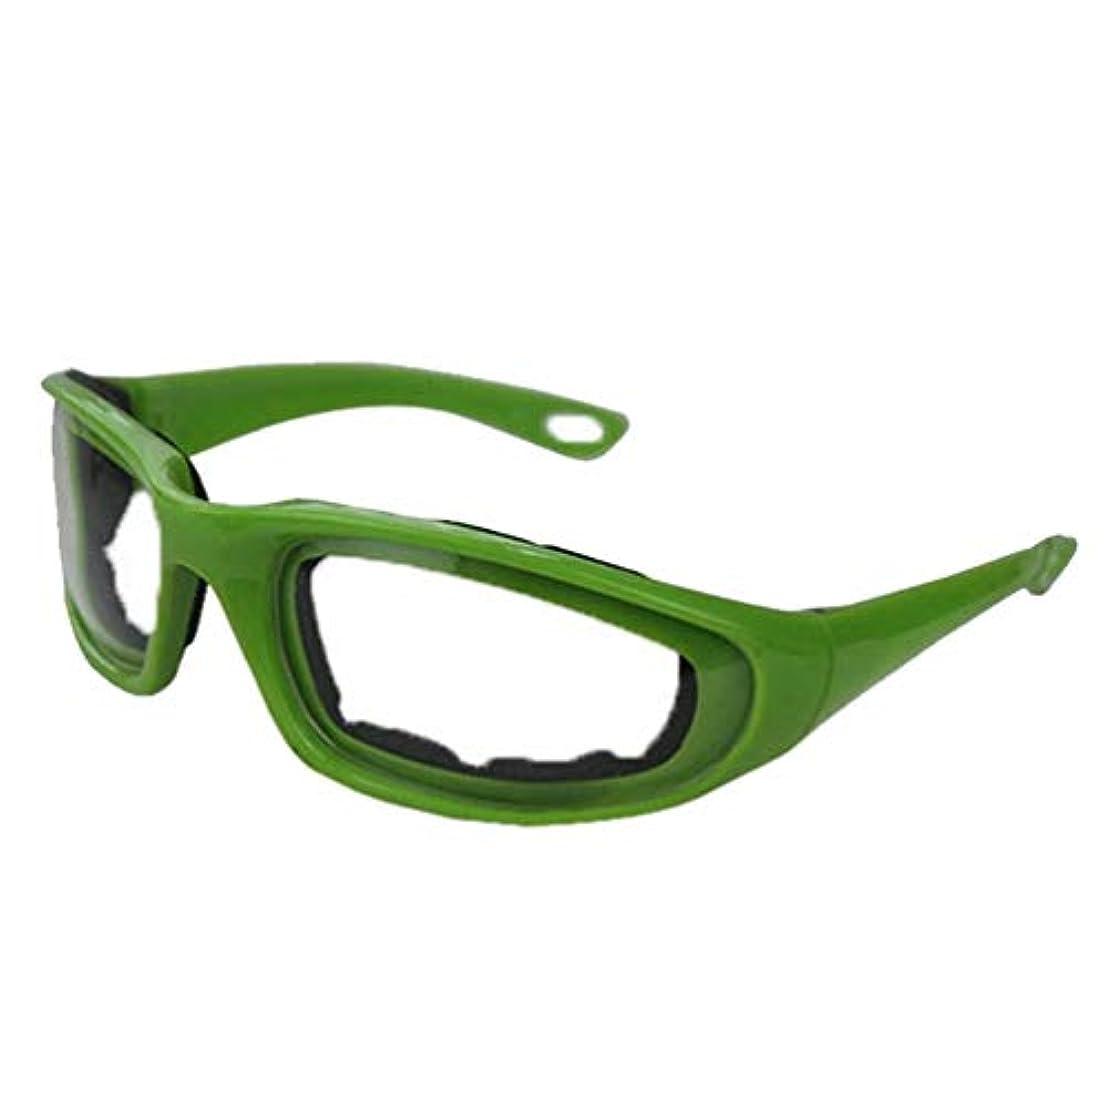 (ライチ) Lychee (ライチ) Lychee 保護用メガネ ゴーグル キッチン用メガネ 花粉防塵メガネ 眼鏡 たまねぎ 液体 蒸気 花粉 対応 軽量 耐久性のある グリーン ホームキッチン